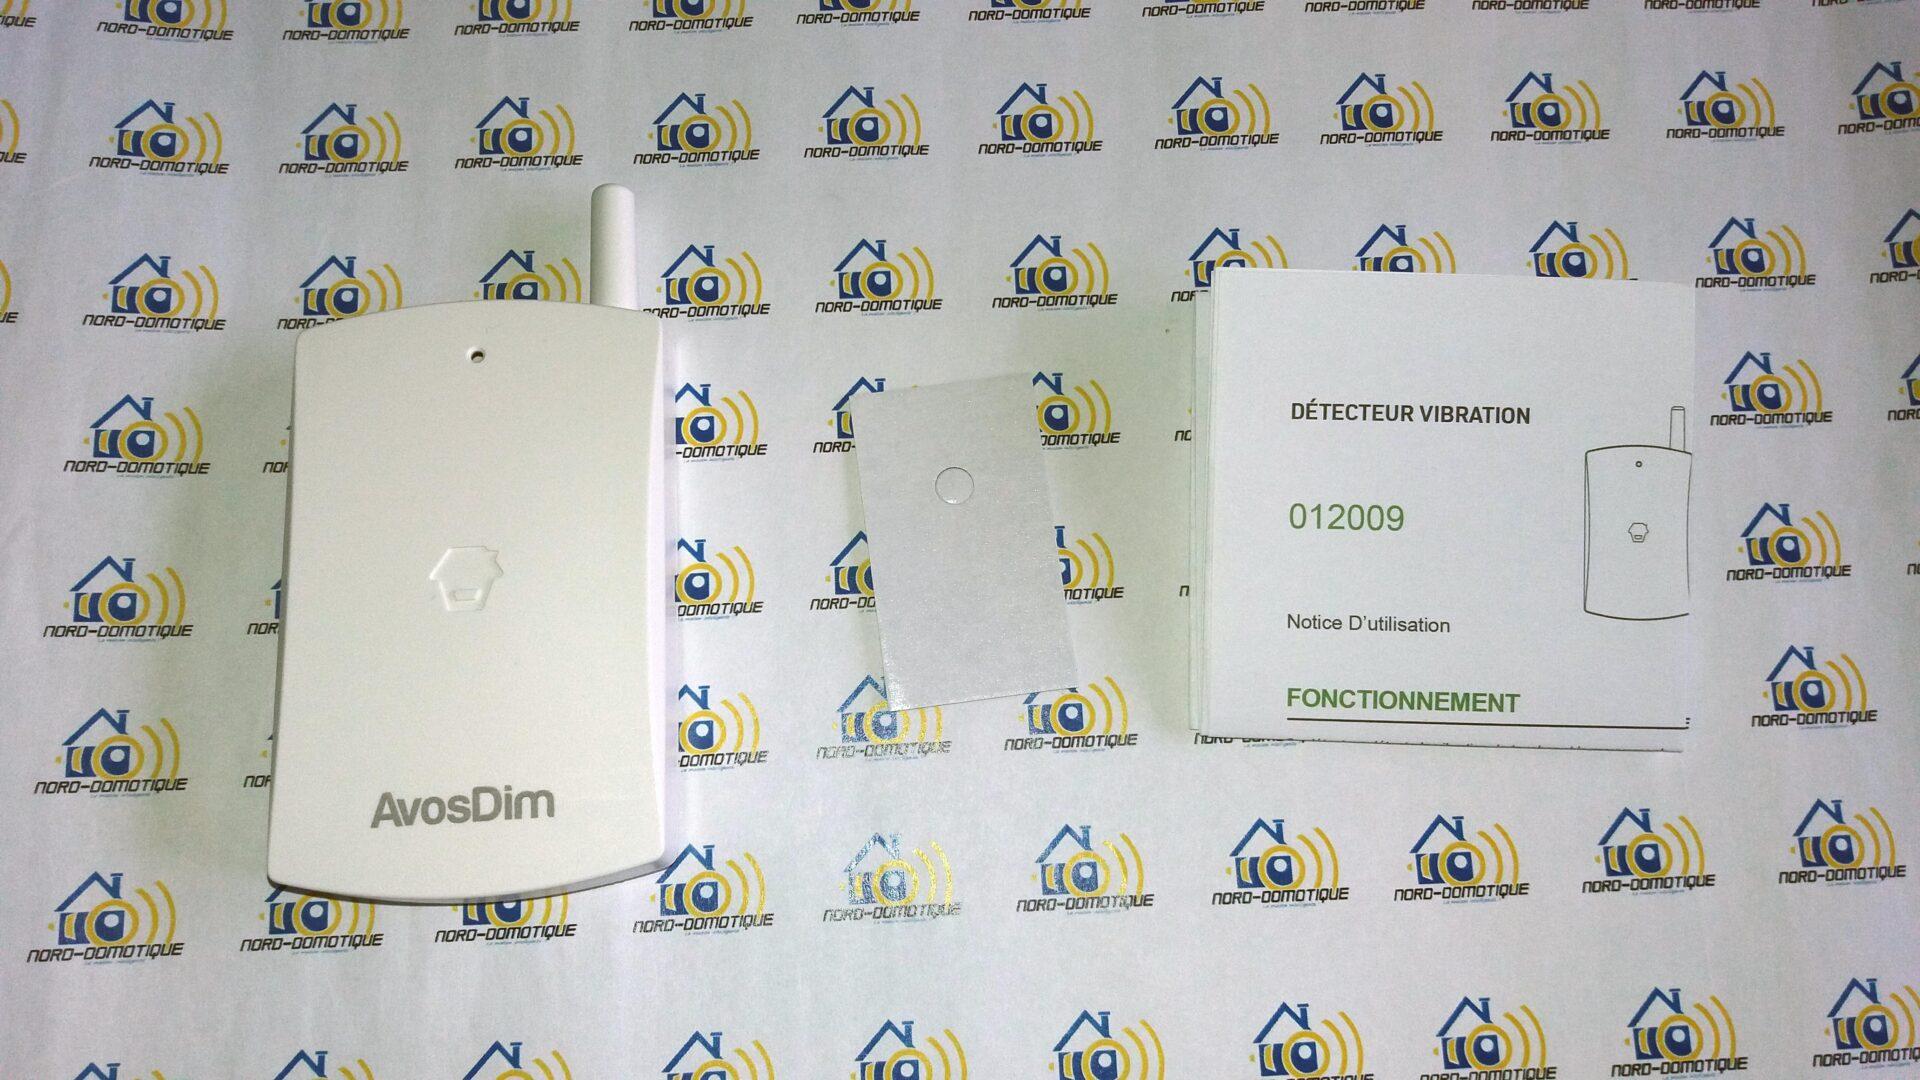 08-1 Découverte des différents détecteurs pour l'alarme Avosdim Serenity